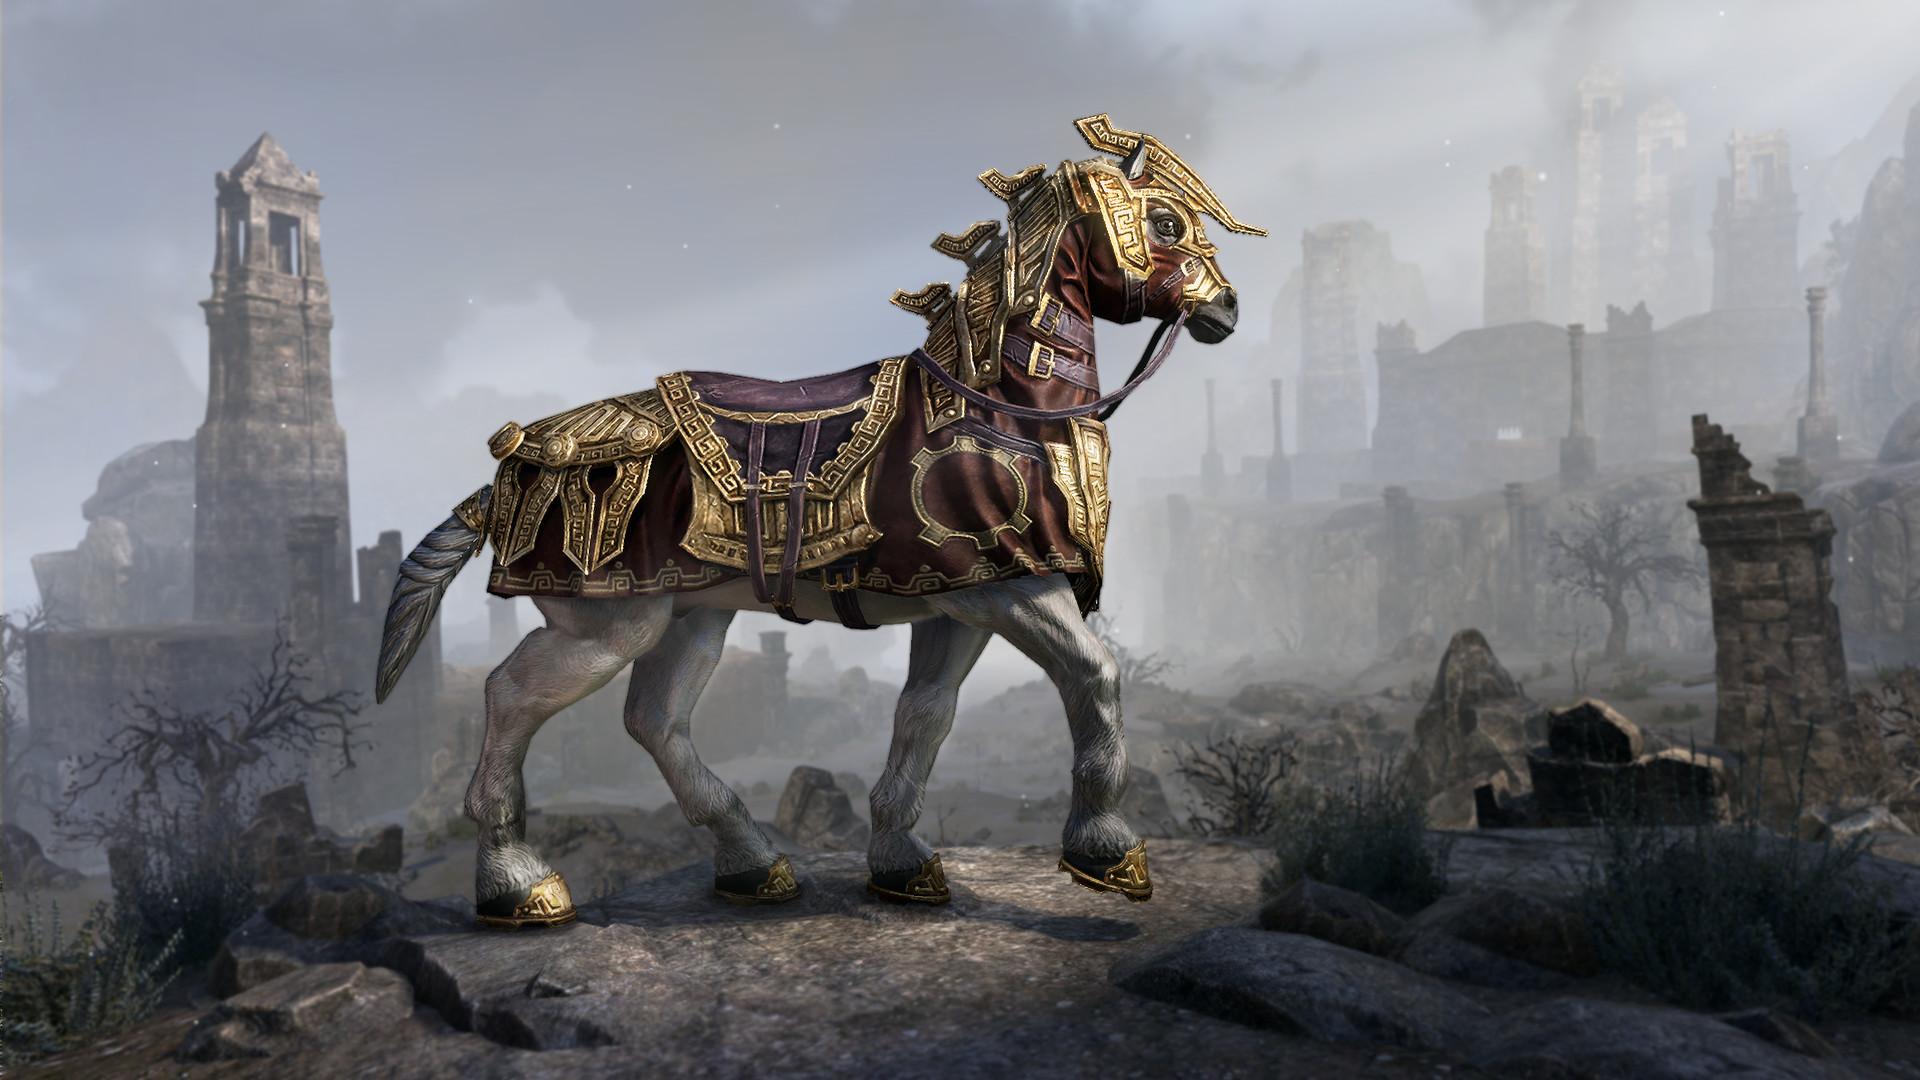 Dwarven War Horse